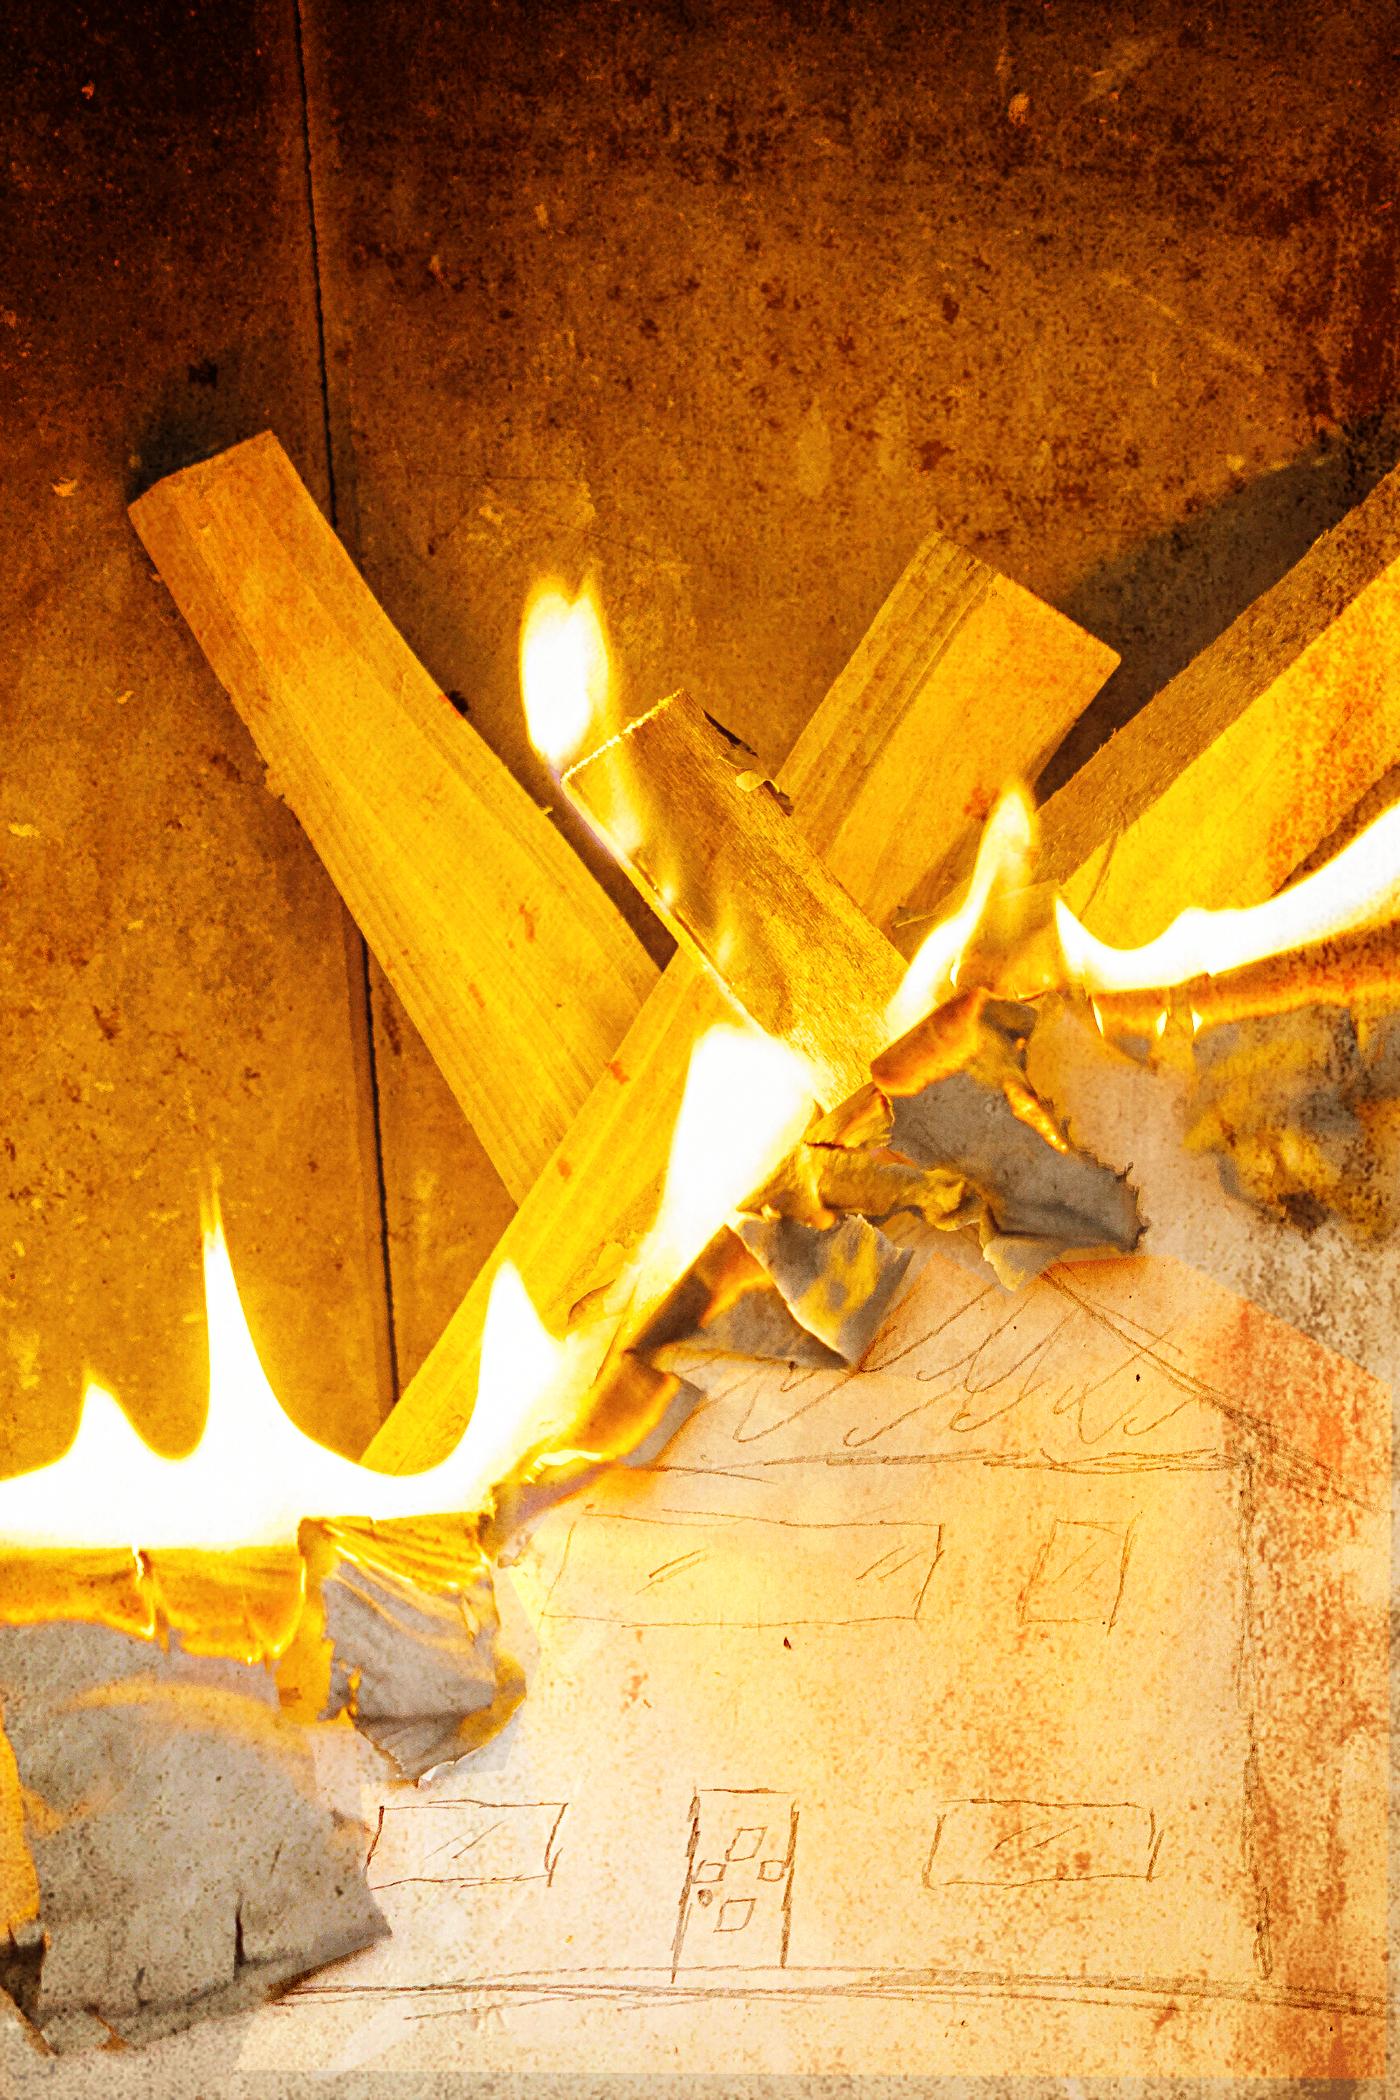 Brennendes Bild eines Hauses